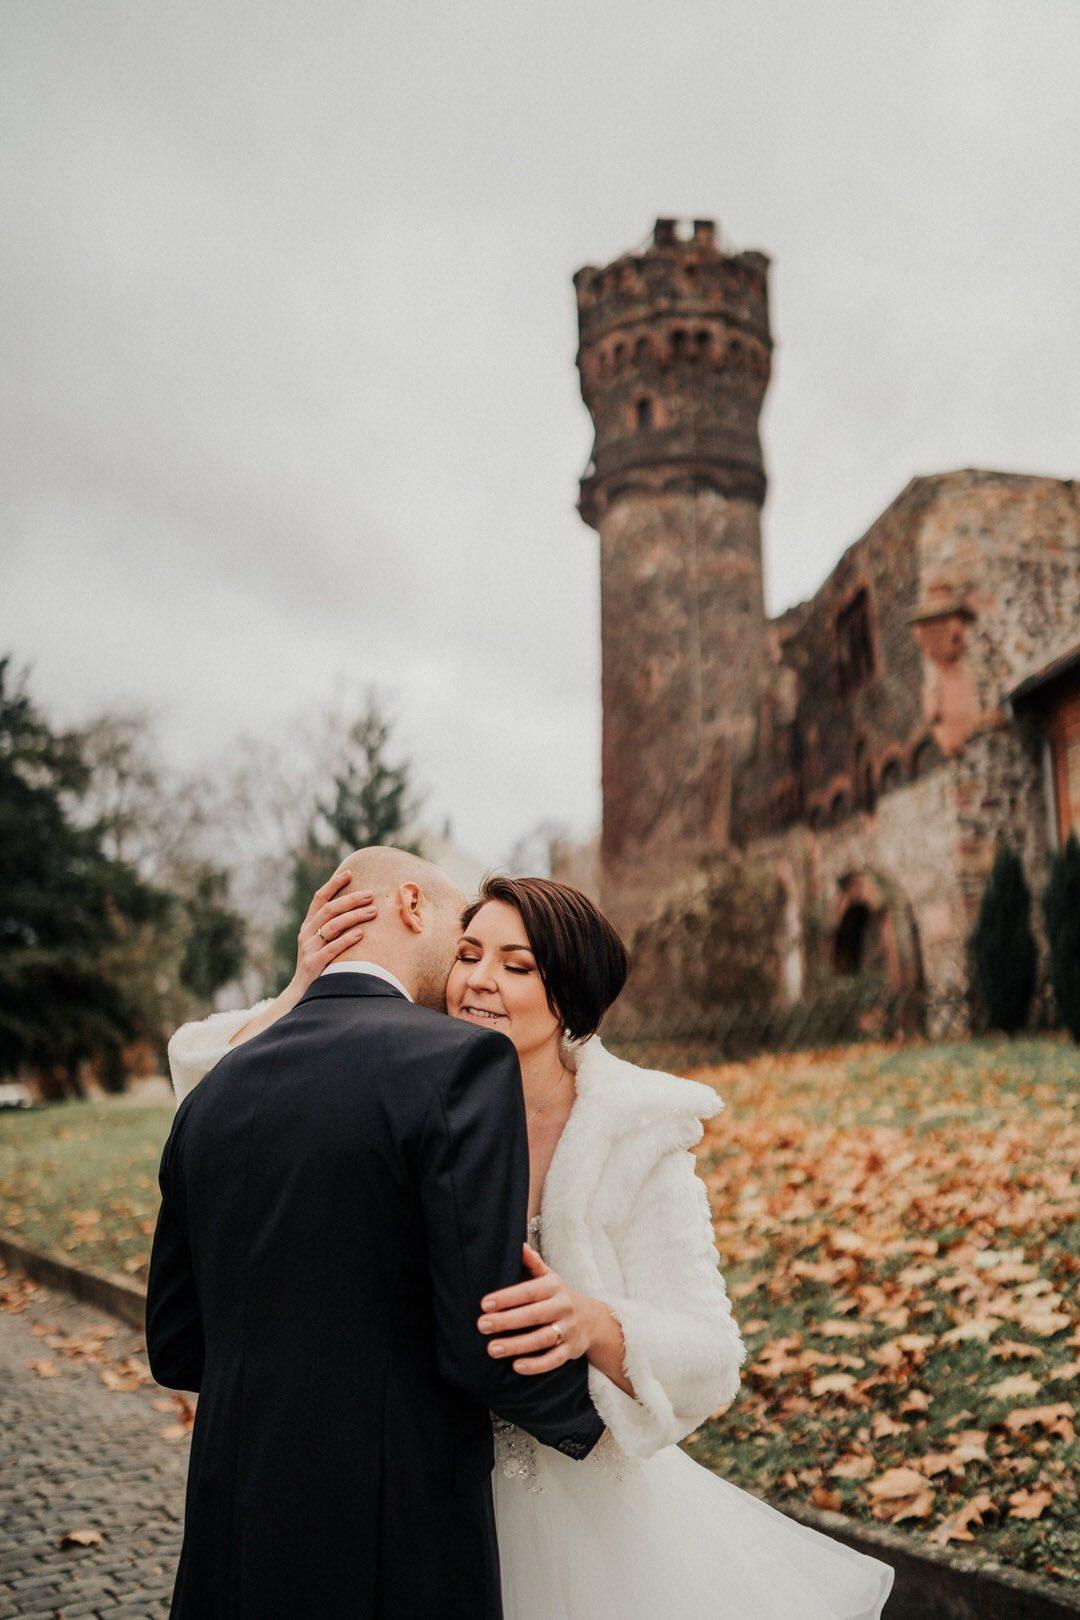 Game of Thrones Thema für Hochzeit bei Burgruine in Wiesbaden